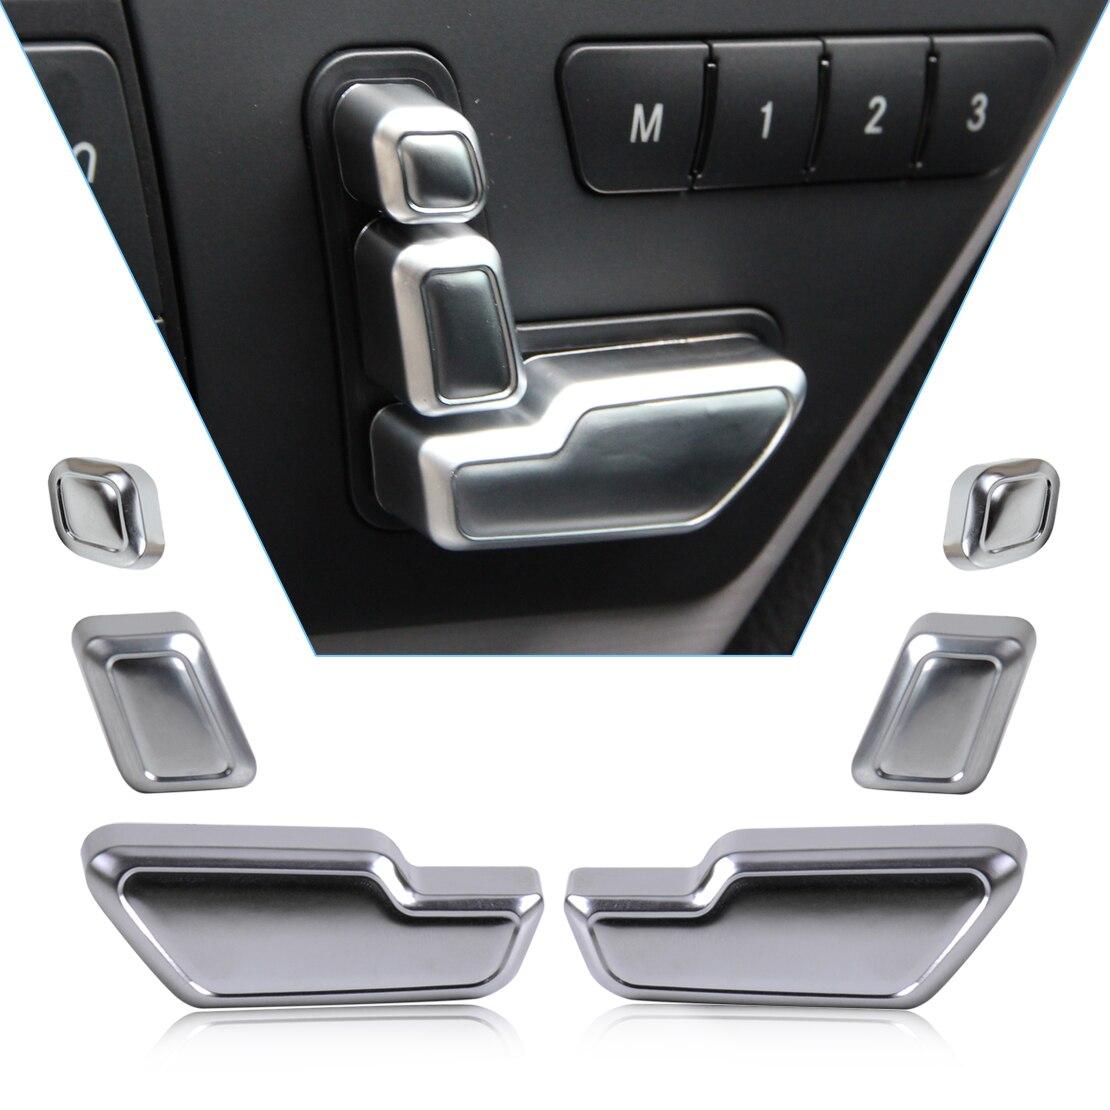 Beler Chrome Porte Siège Ajuster Bouton Interrupteur Couverture Garniture pour Mercedes Benz E GL CLS Classe W212 W218 X166